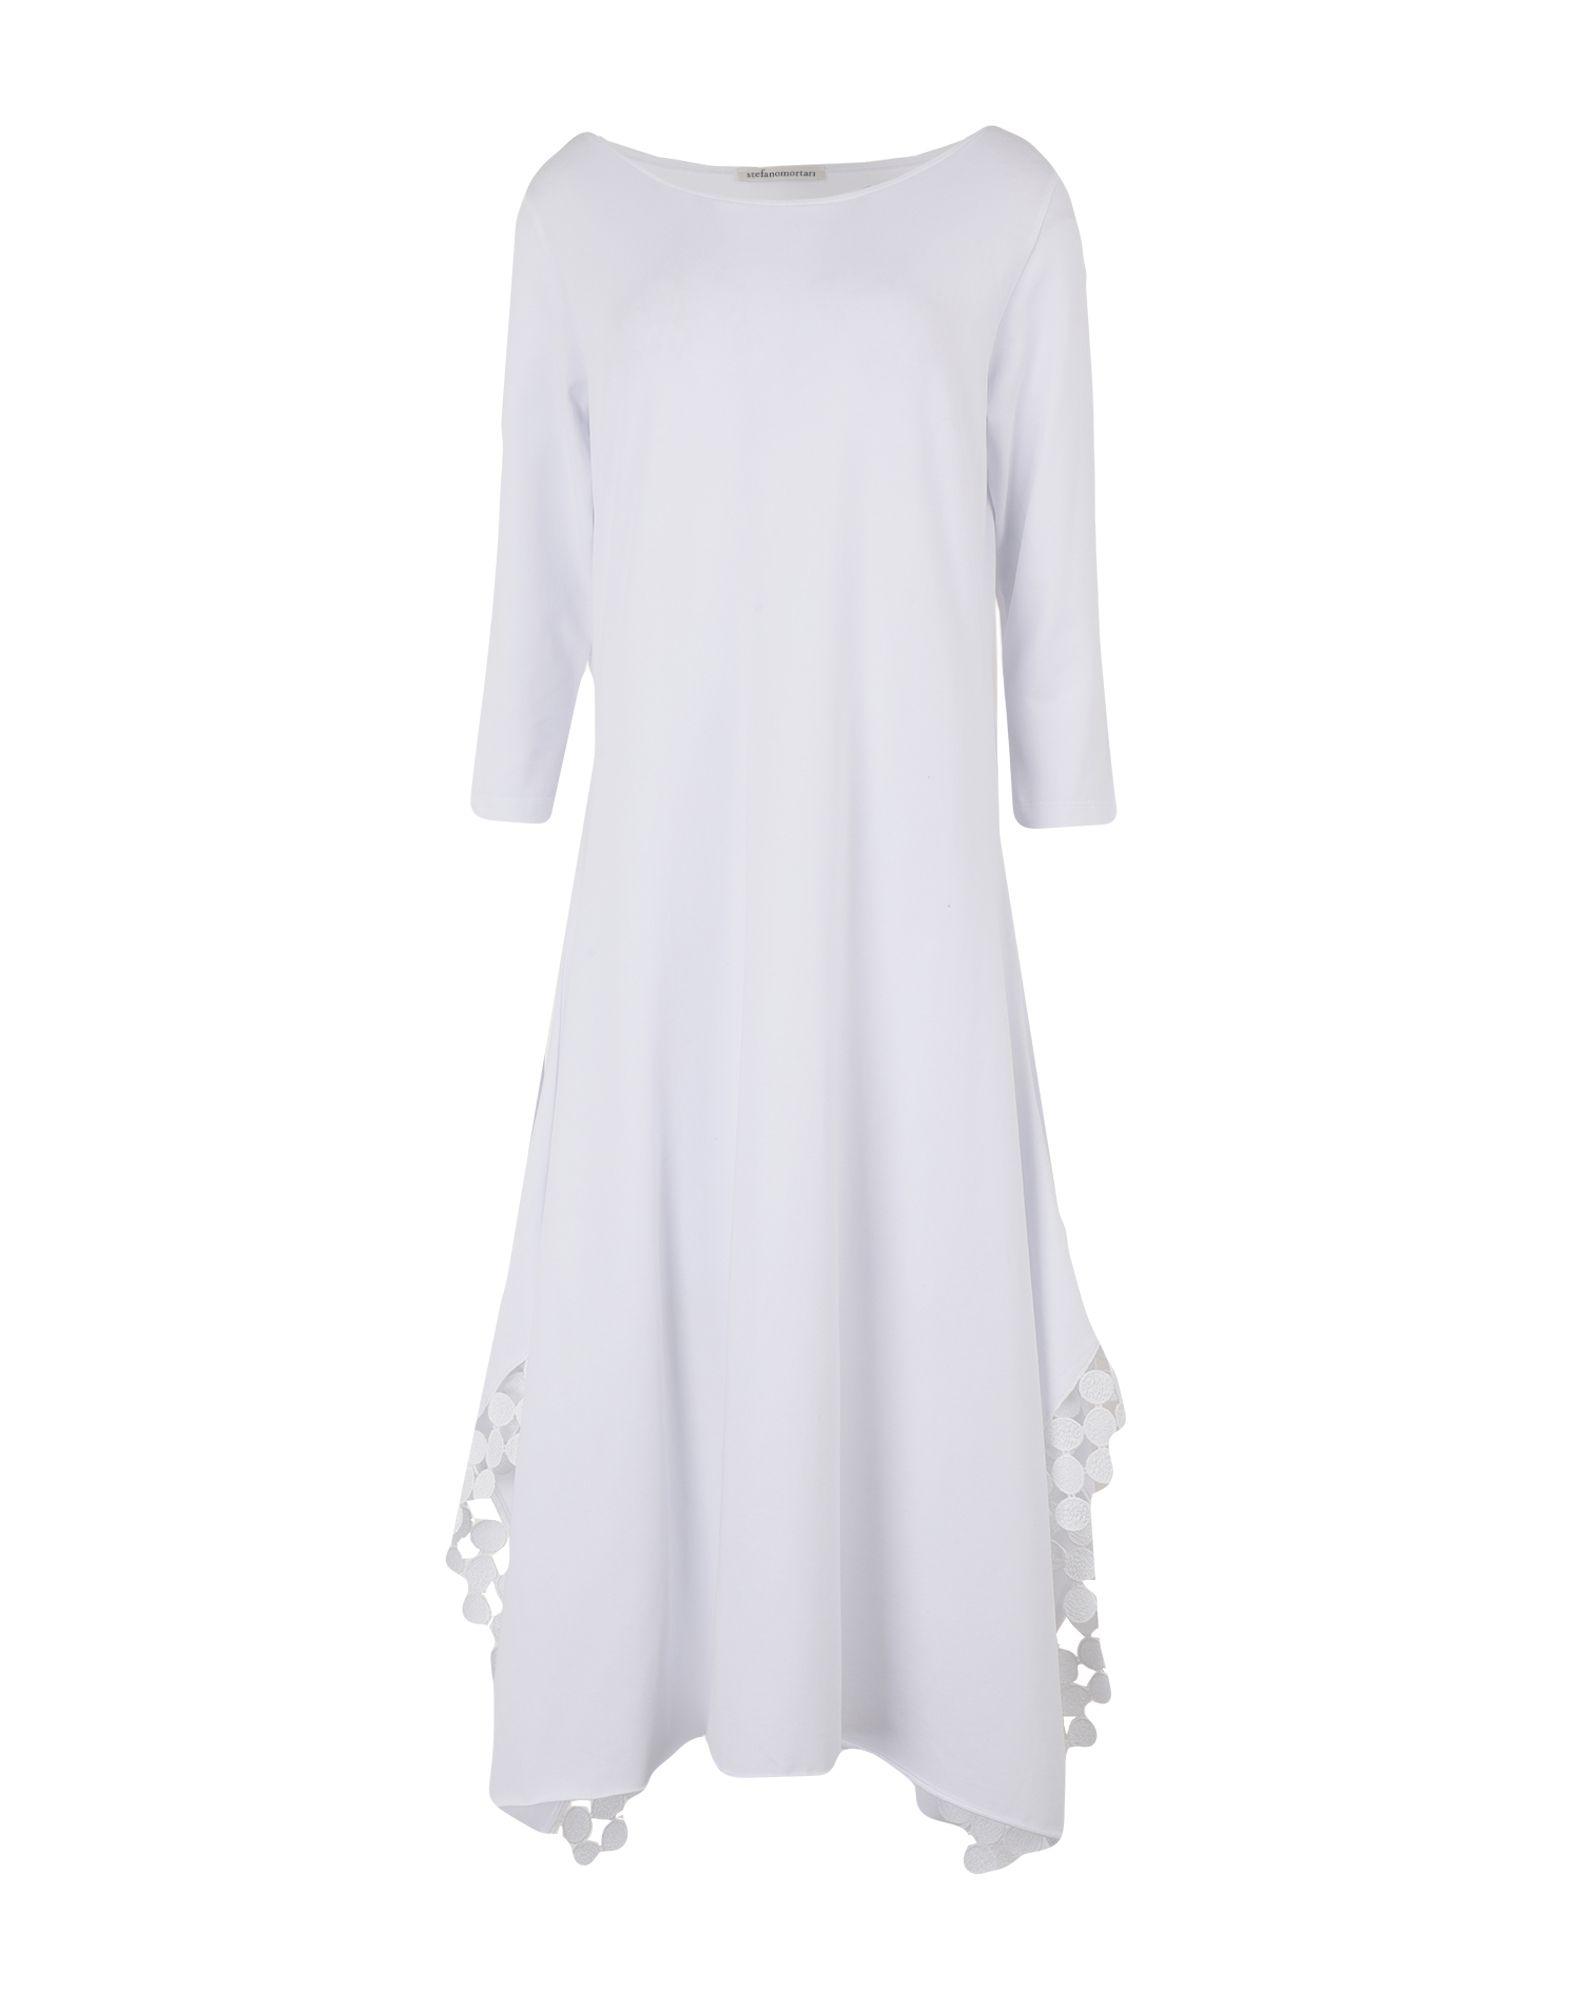 STEFANO MORTARI Платье длиной 3/4